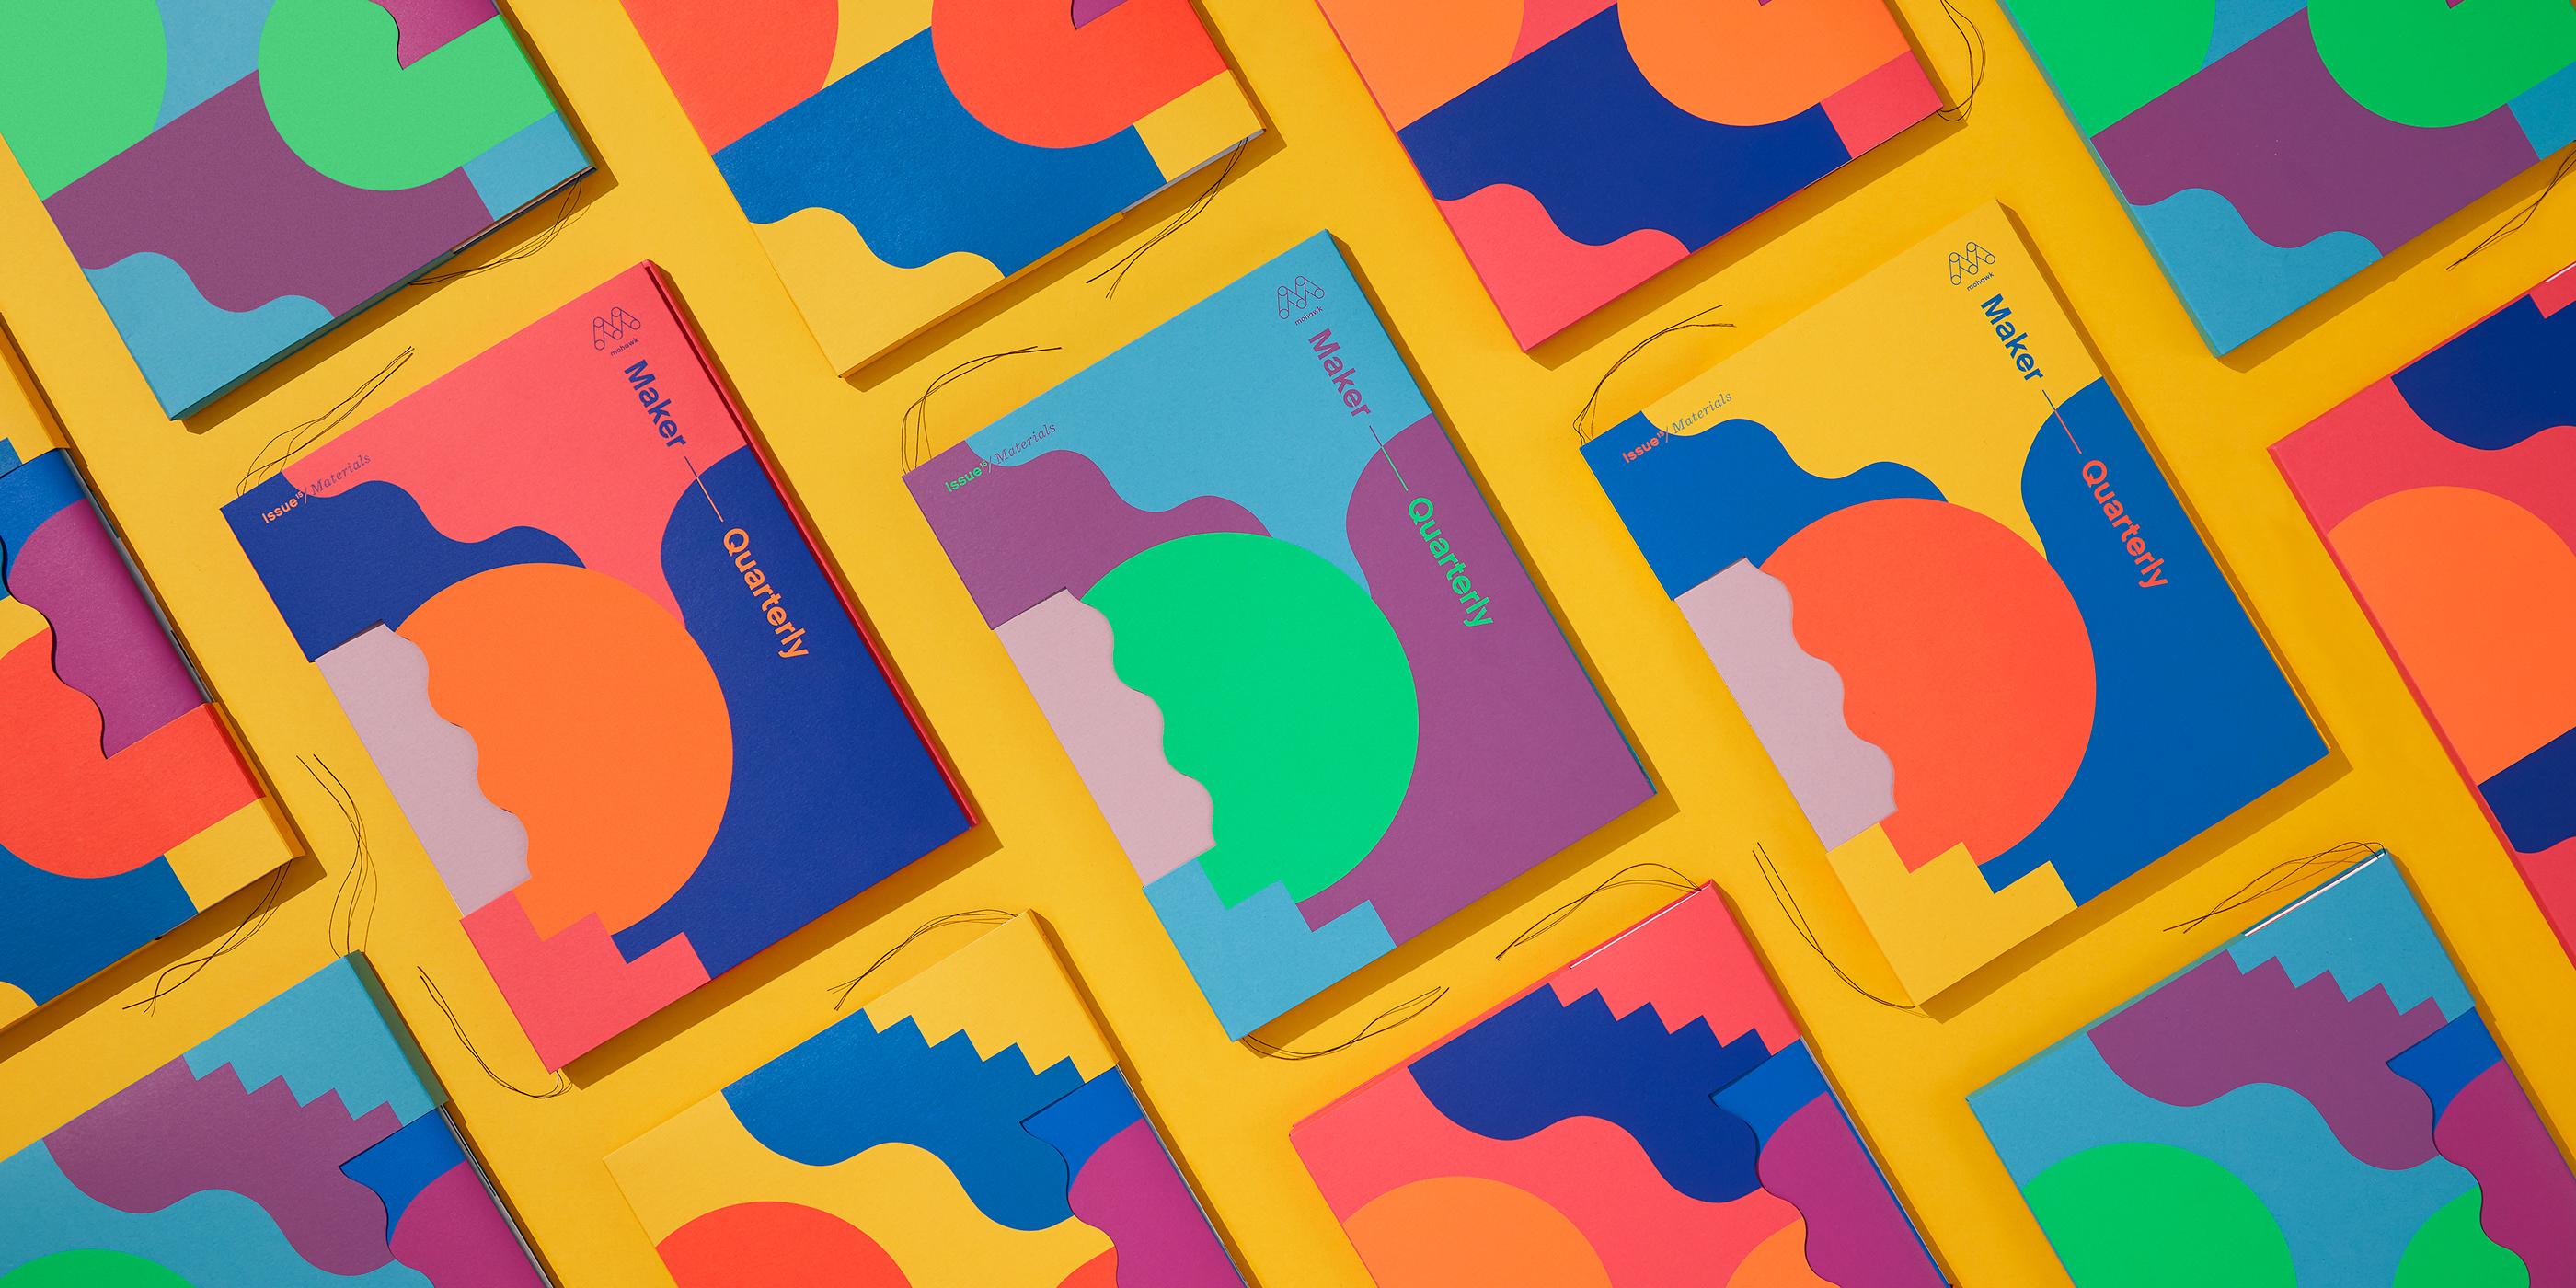 Graphic Design and Editorial Design, Print Design